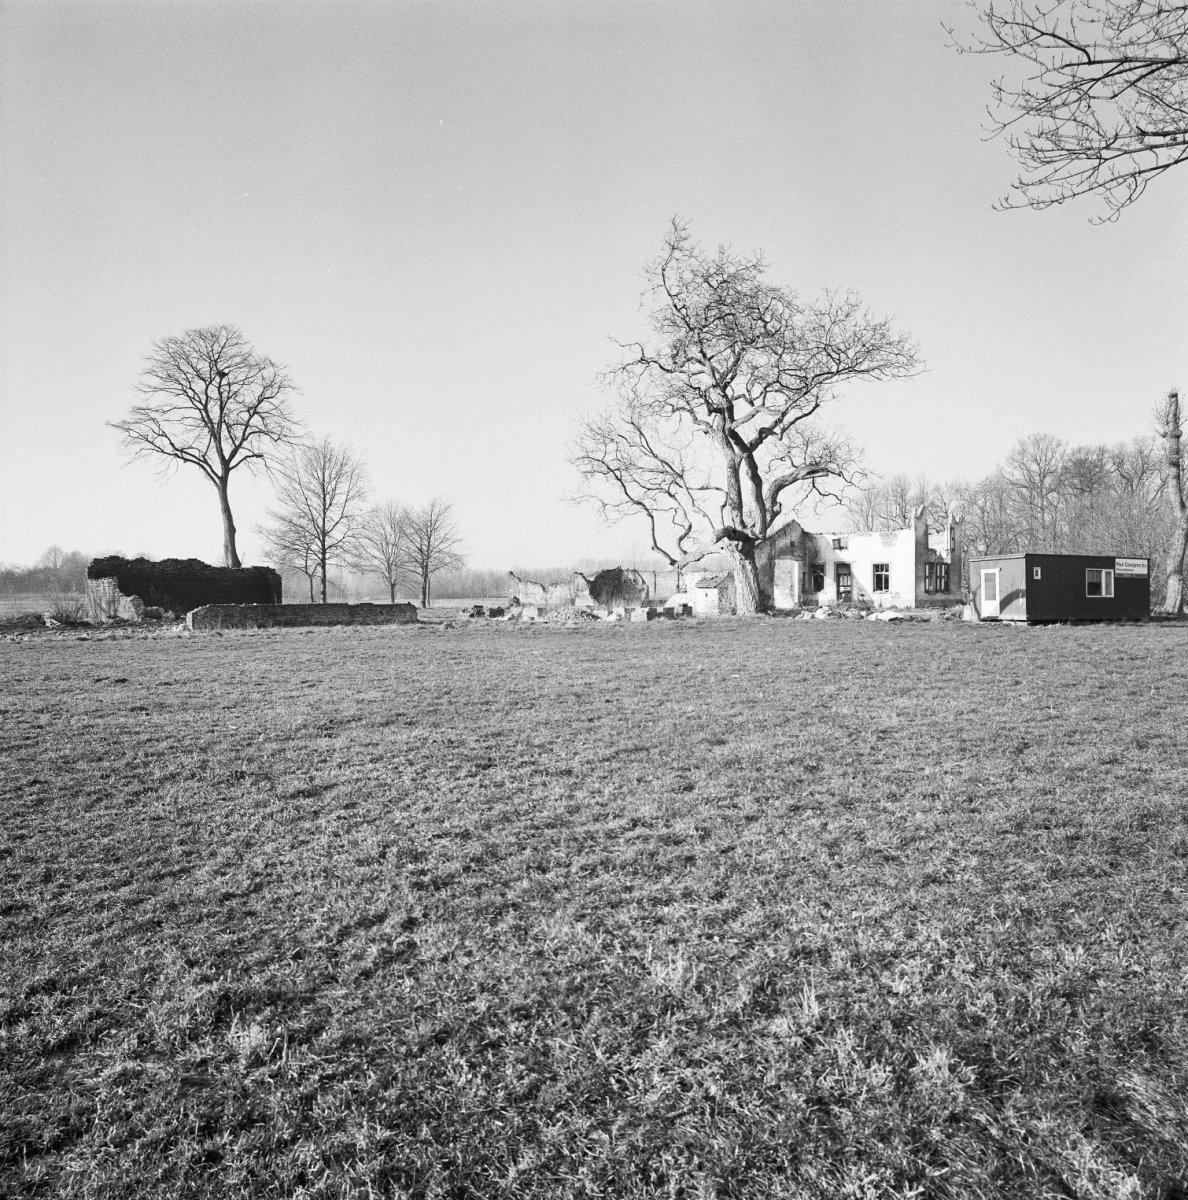 File exterieur huis in slechte staat bouwval met omgeving thorn 20002945 - Huis exterieur picture ...